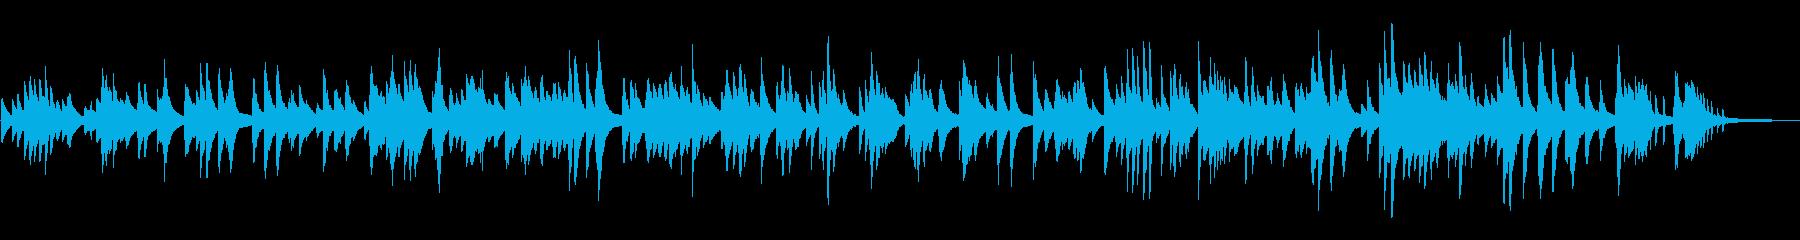 ゆったりムーディーなジャズ風ピアノソロの再生済みの波形